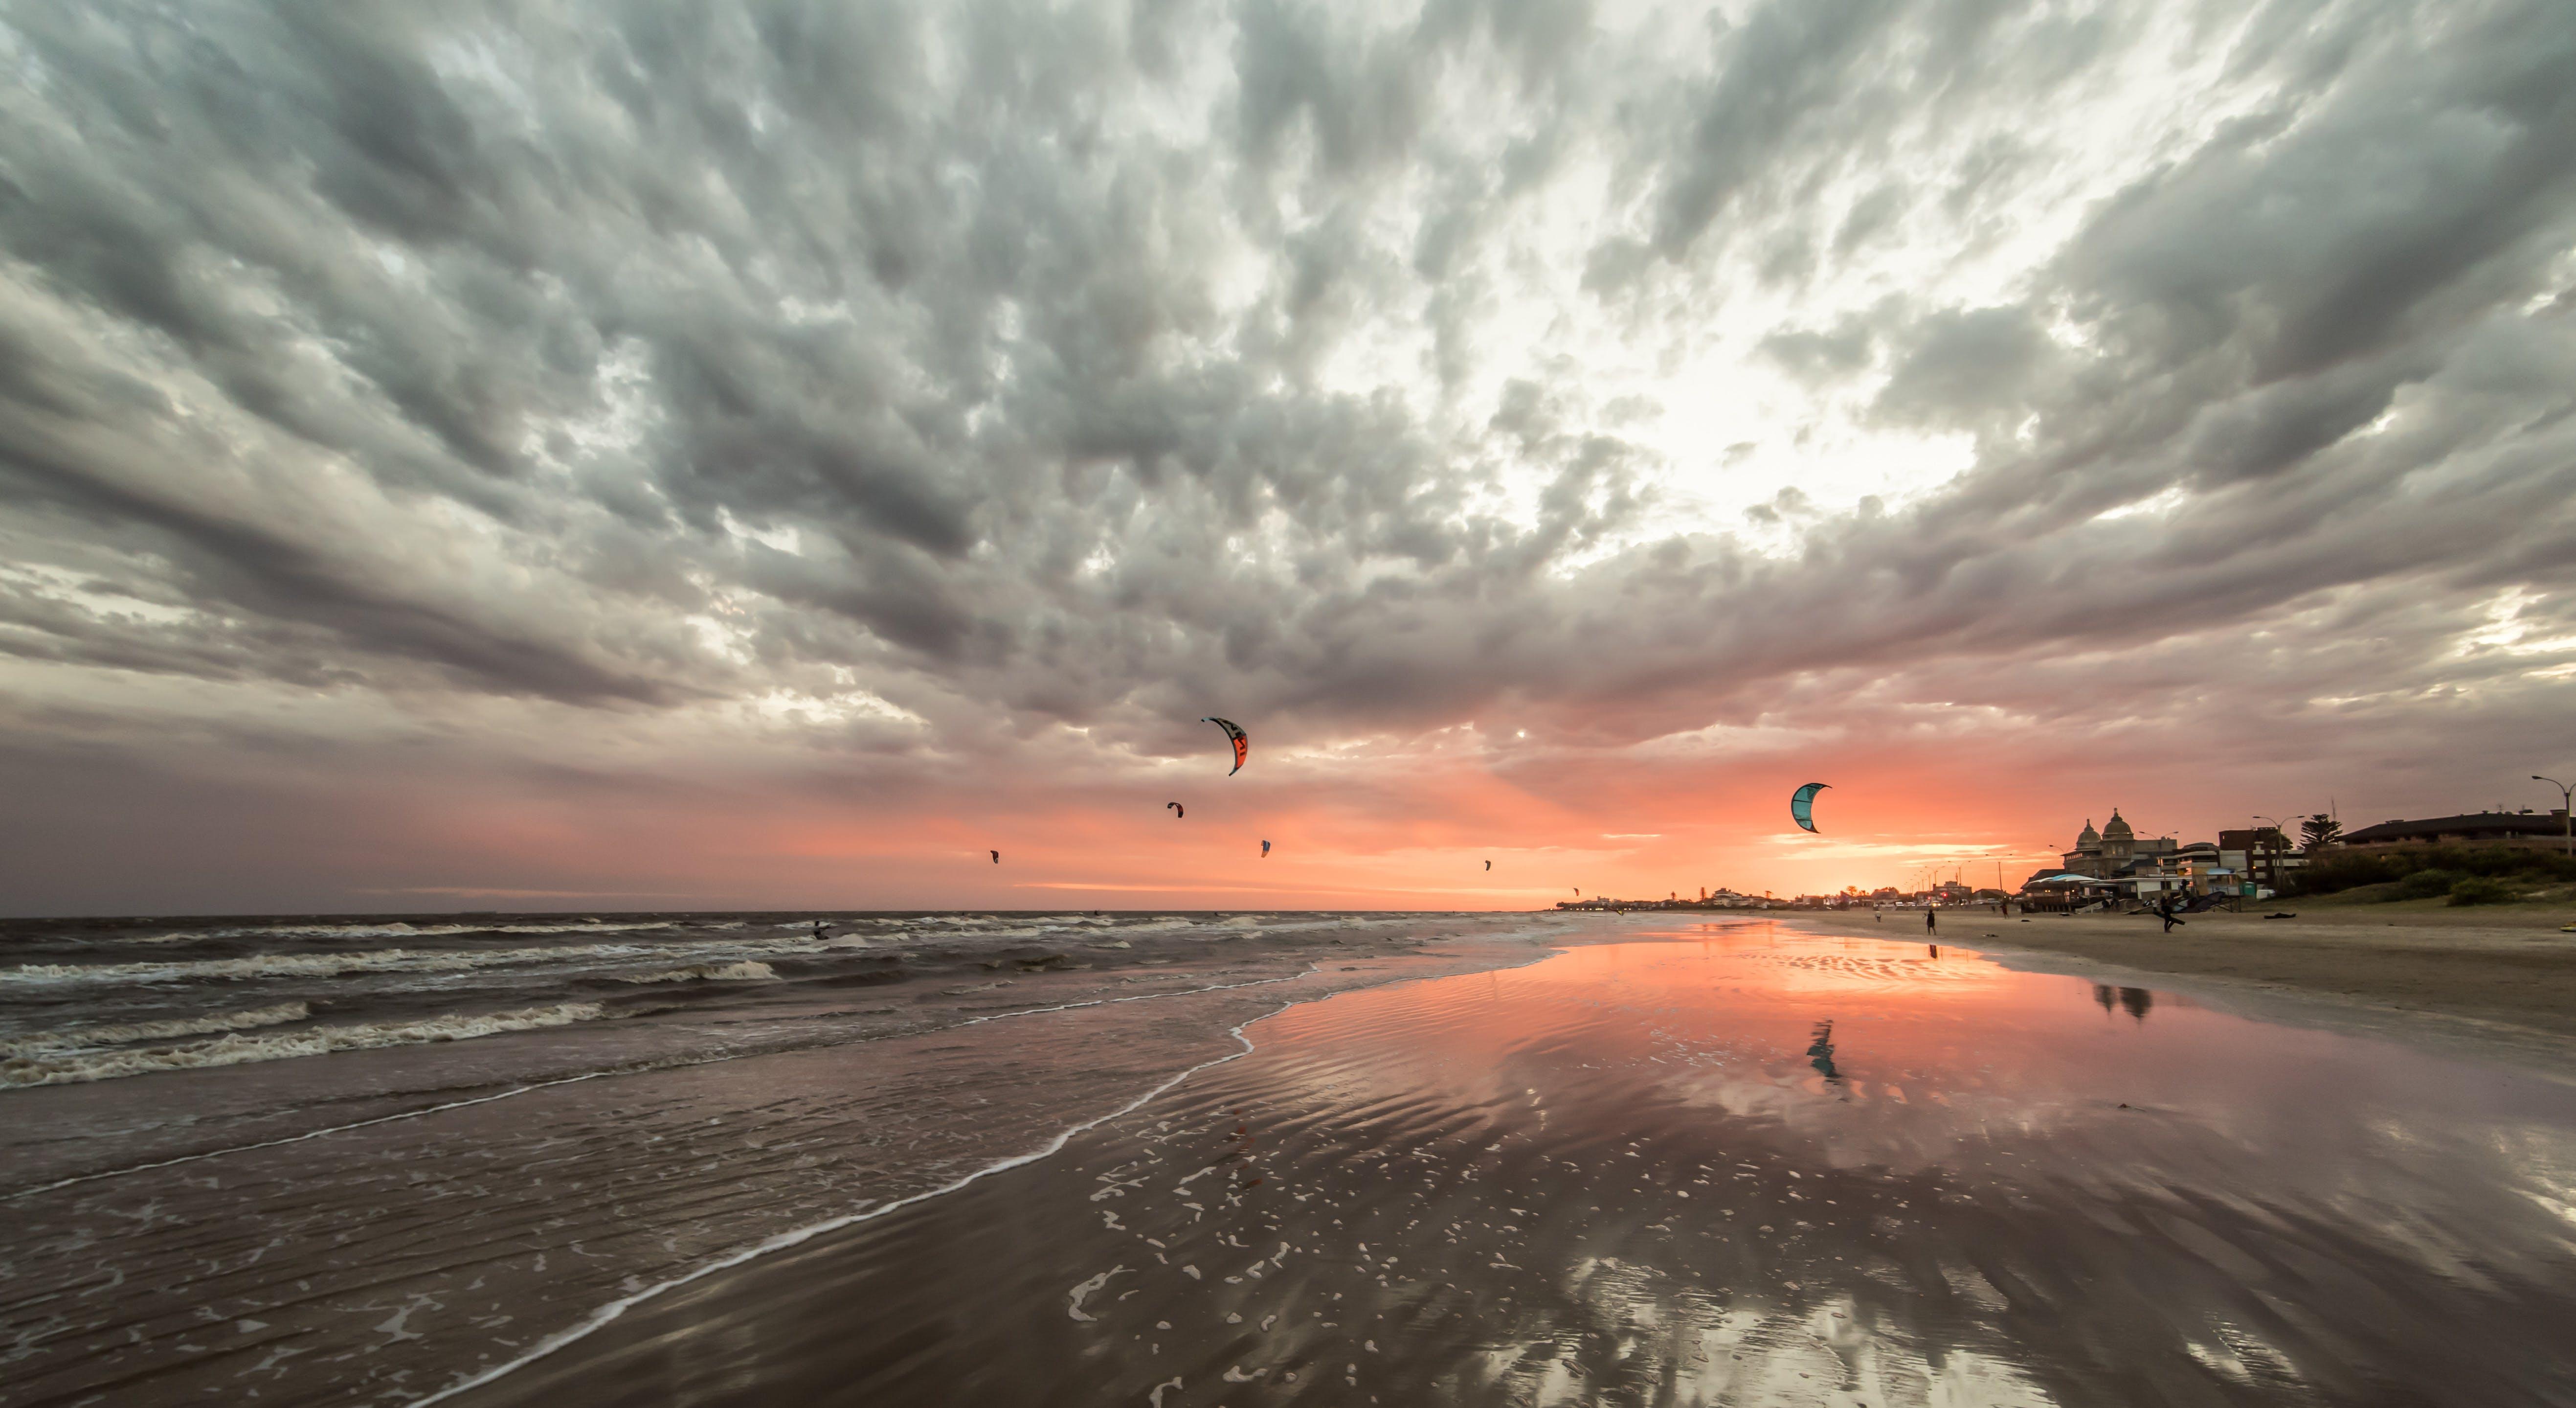 Free stock photo of beach, clouds, KITESURF, kitesurfing